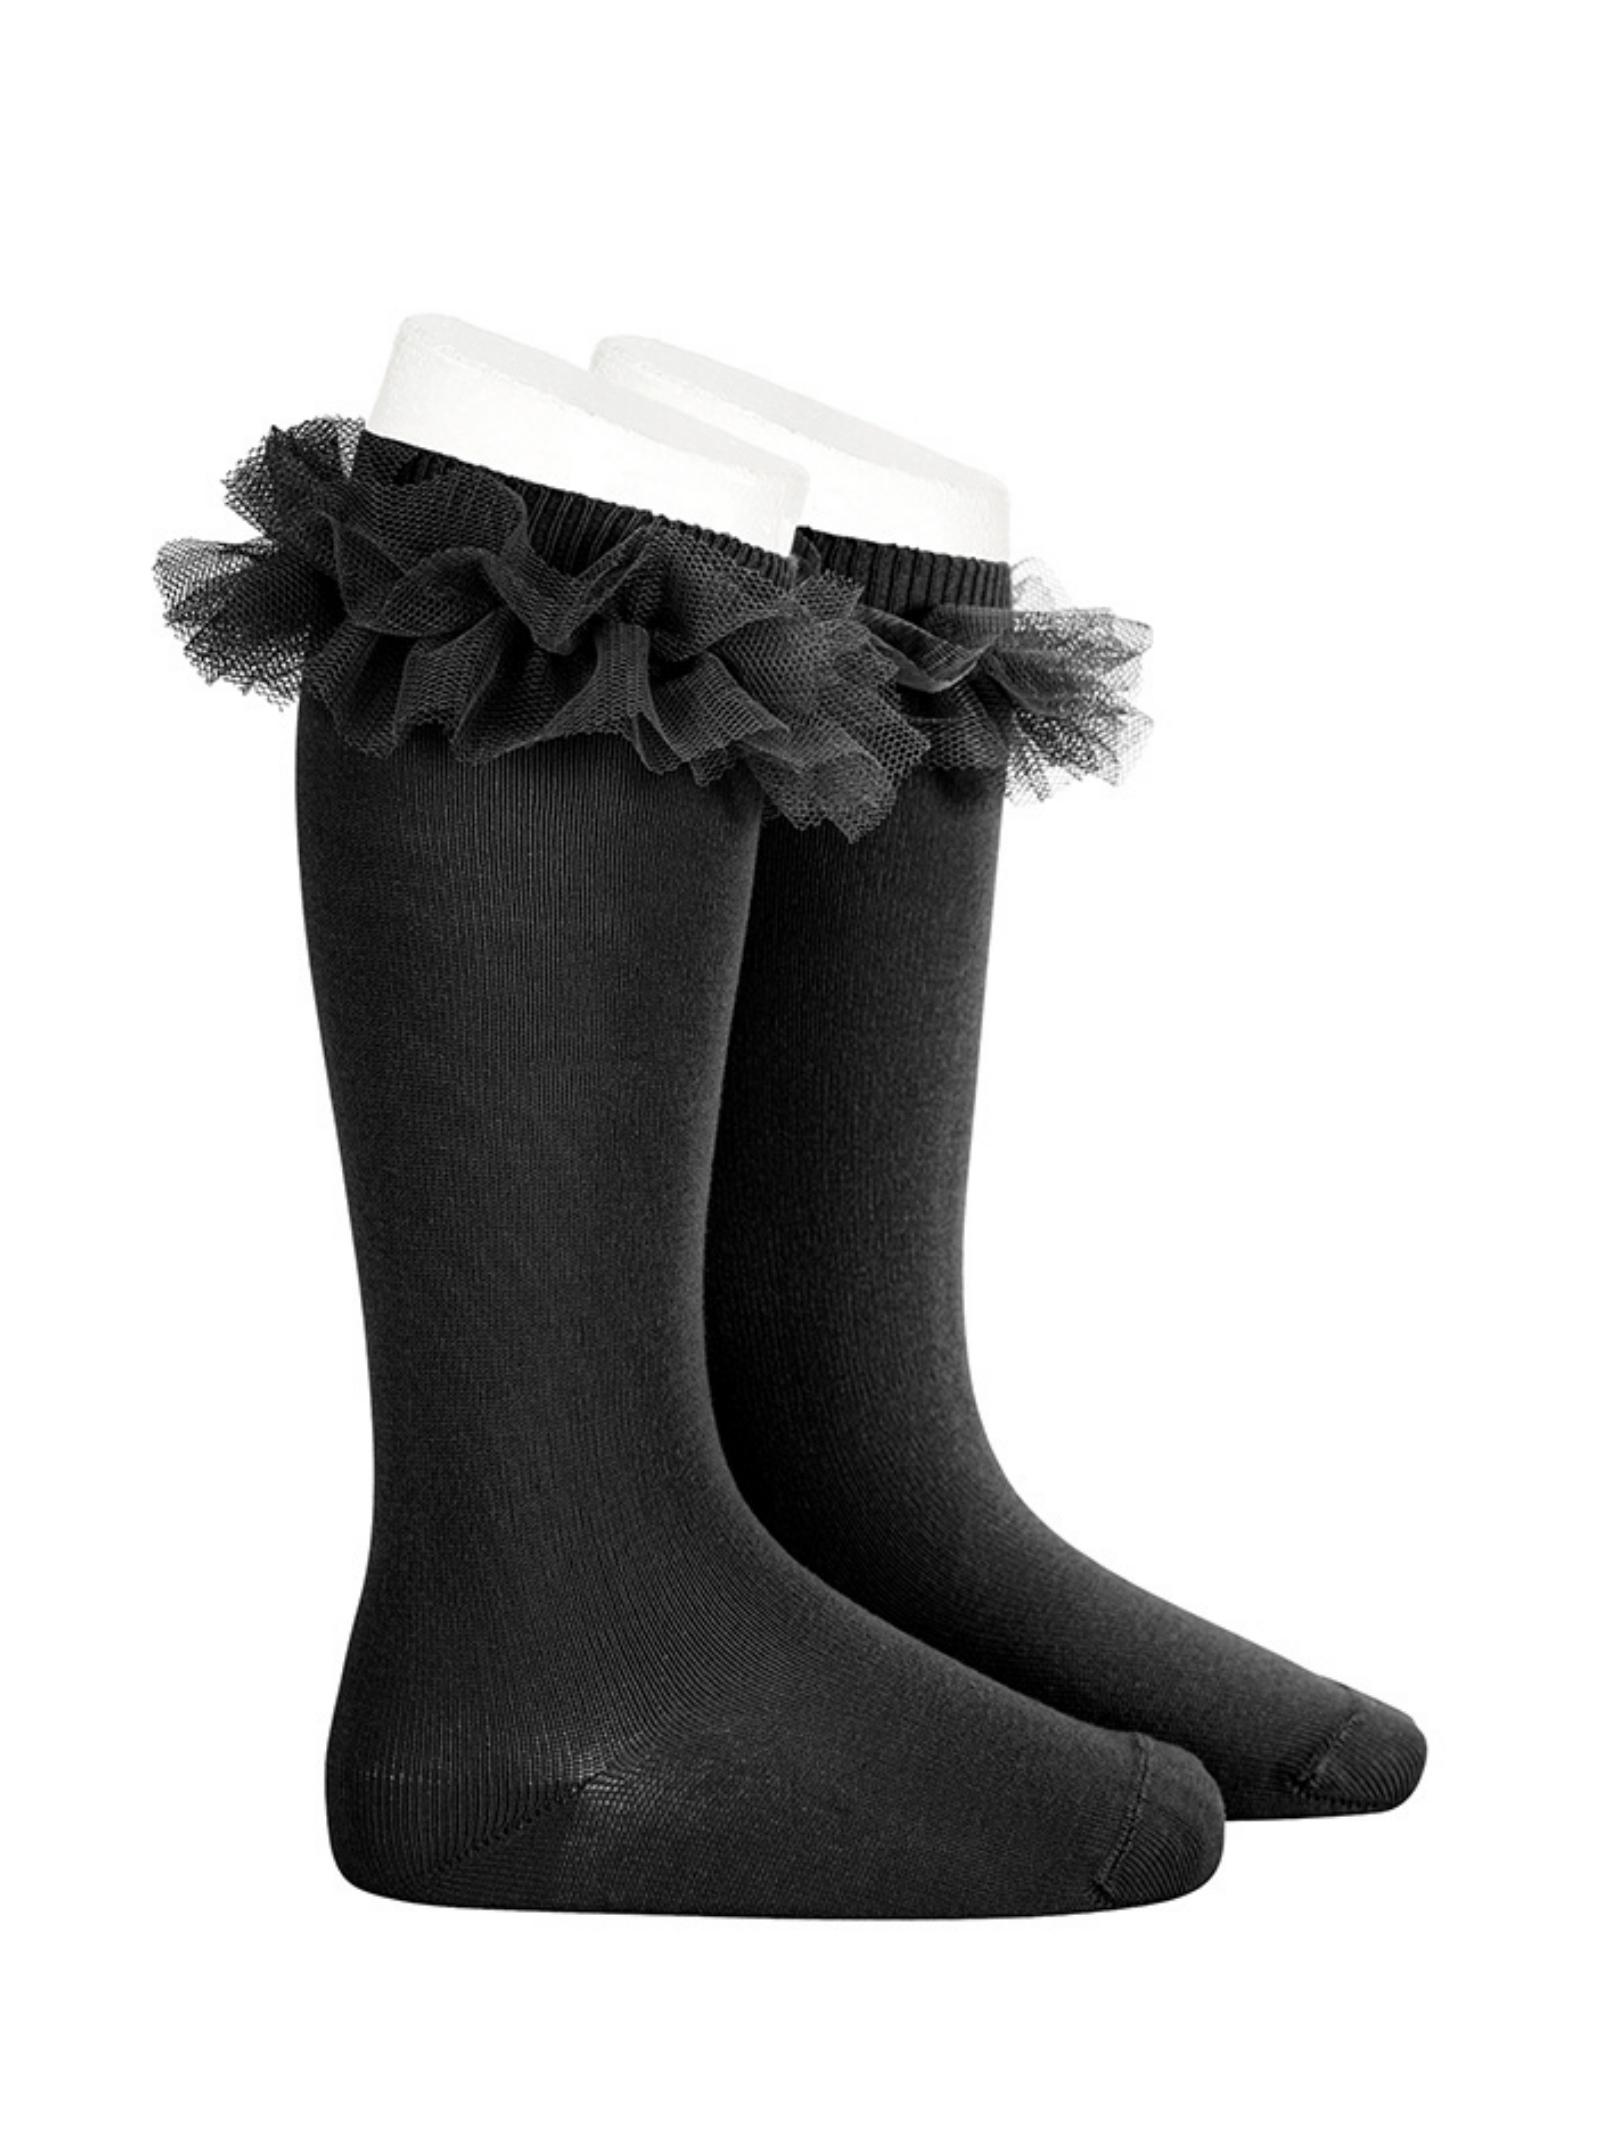 High Tulle Socks for Girls CONDOR | Socks | 24942900